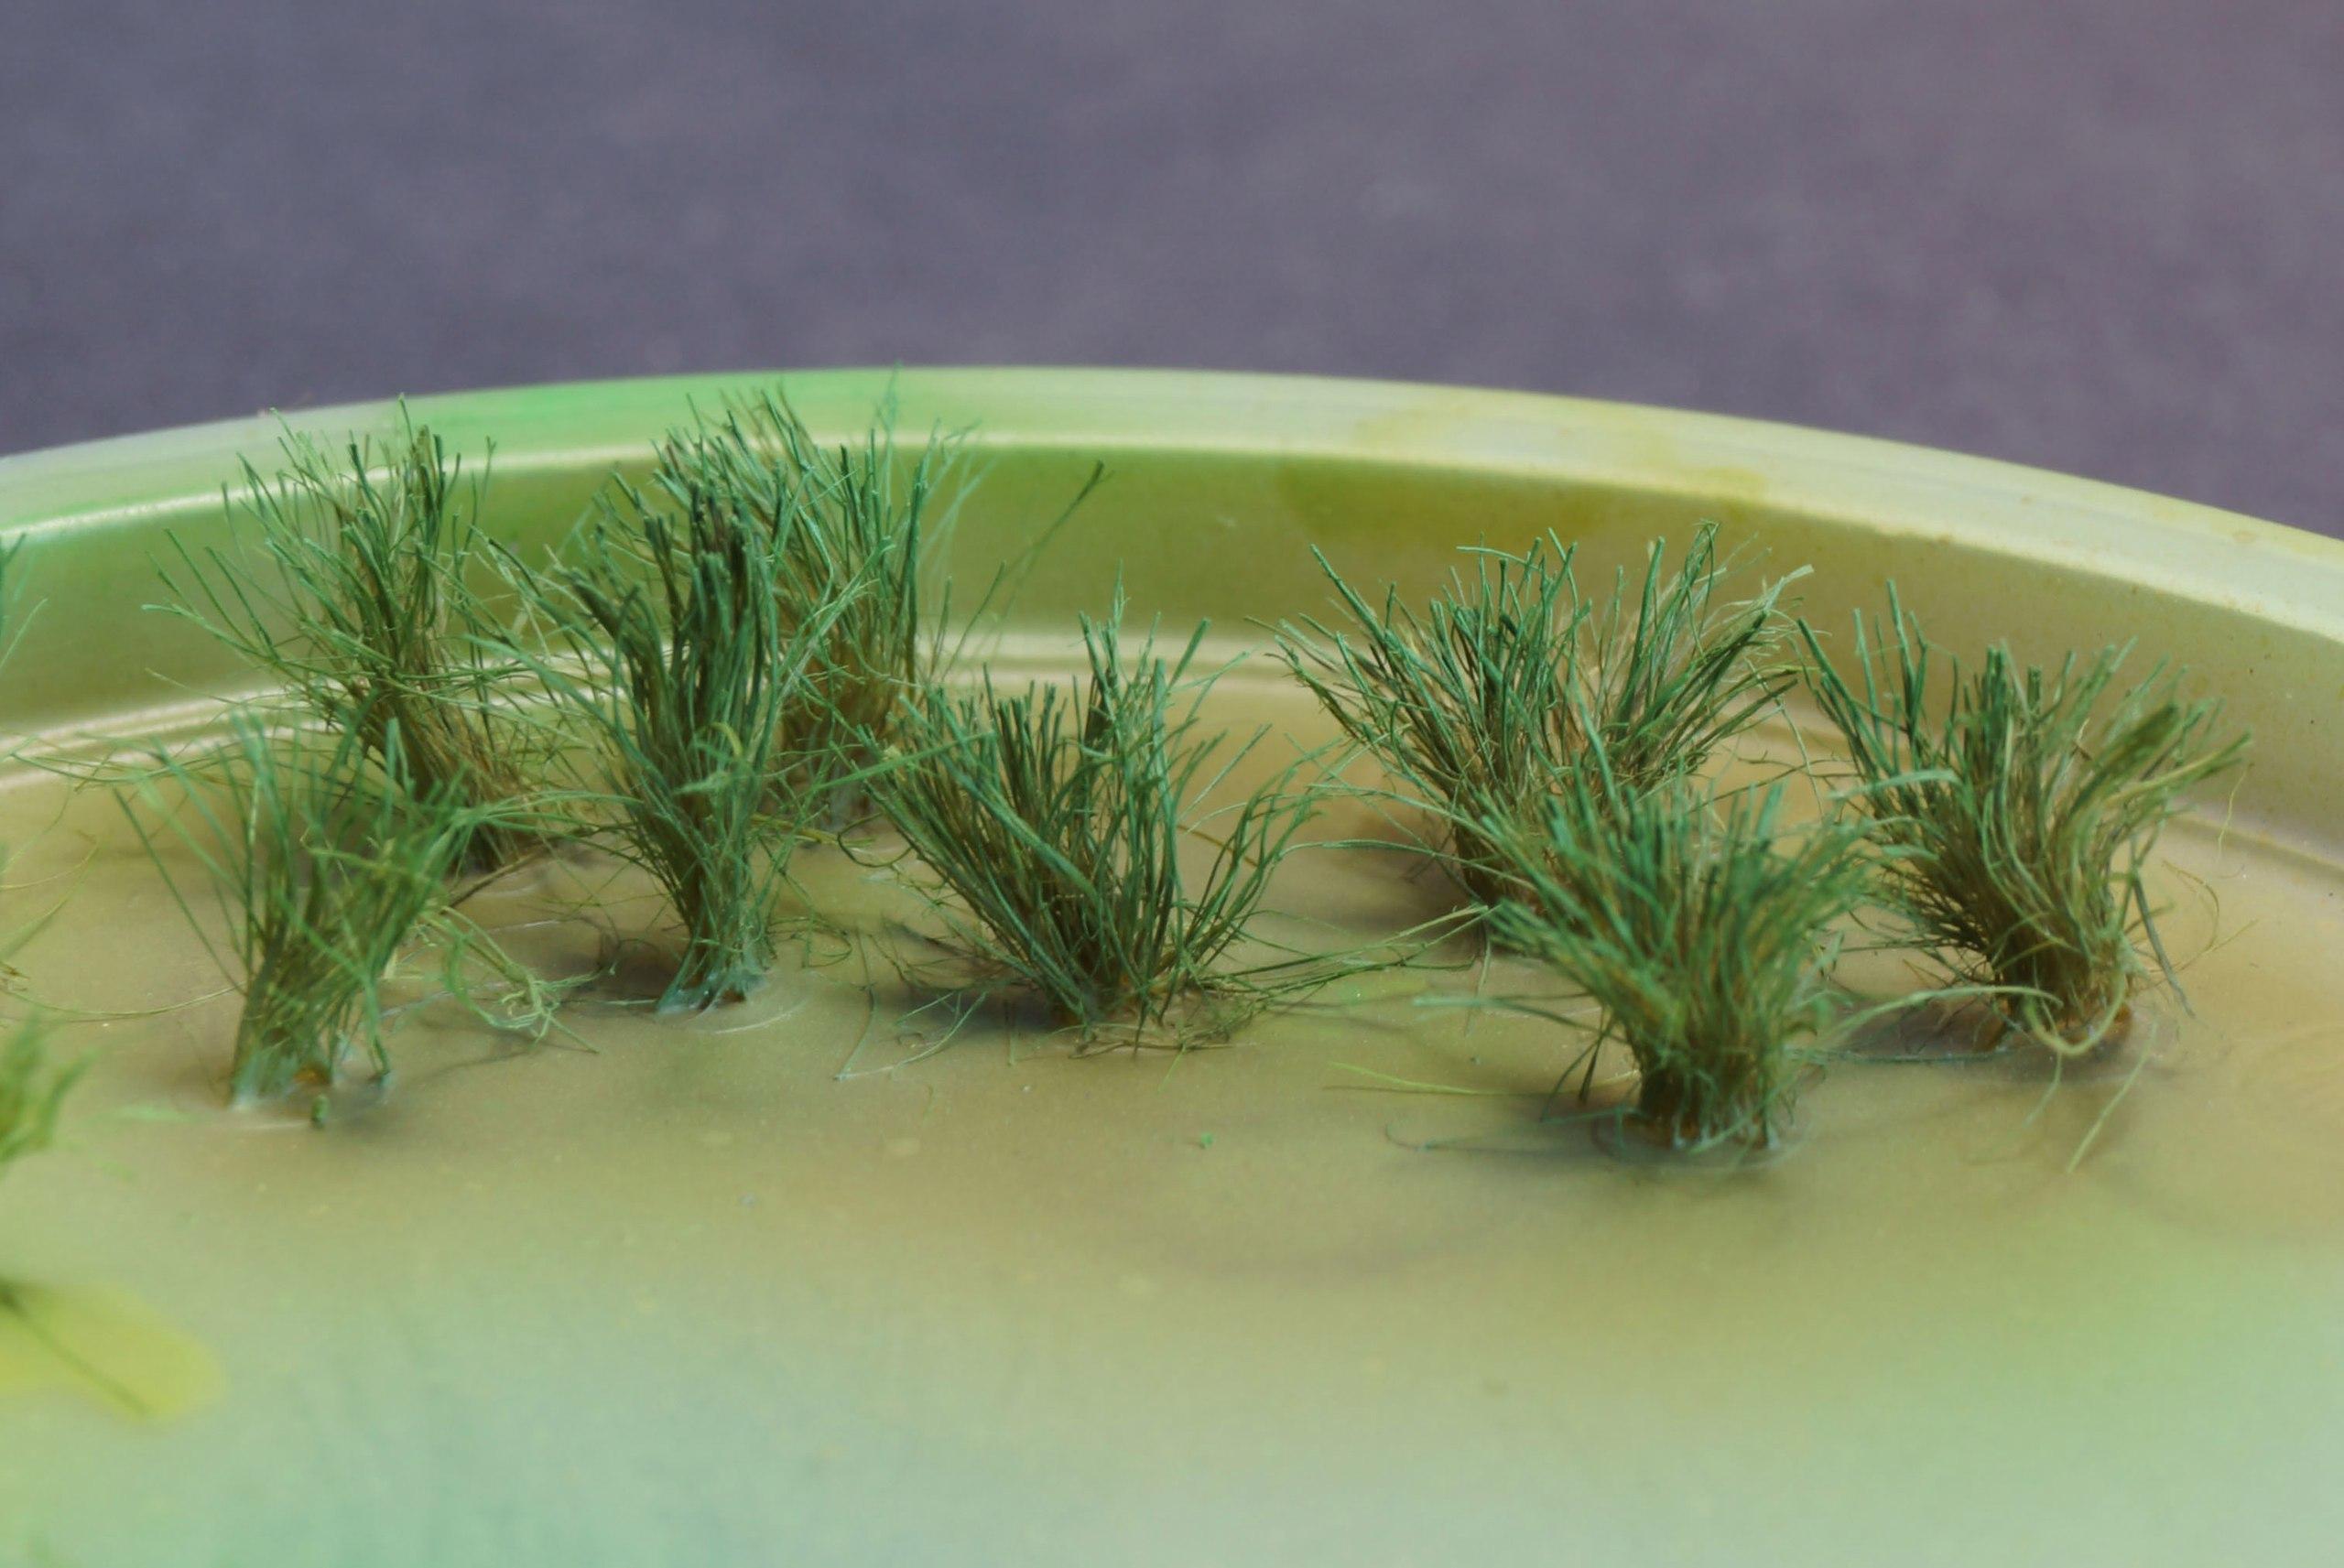 Делаем пучки травы из подручных материалов - красим еще